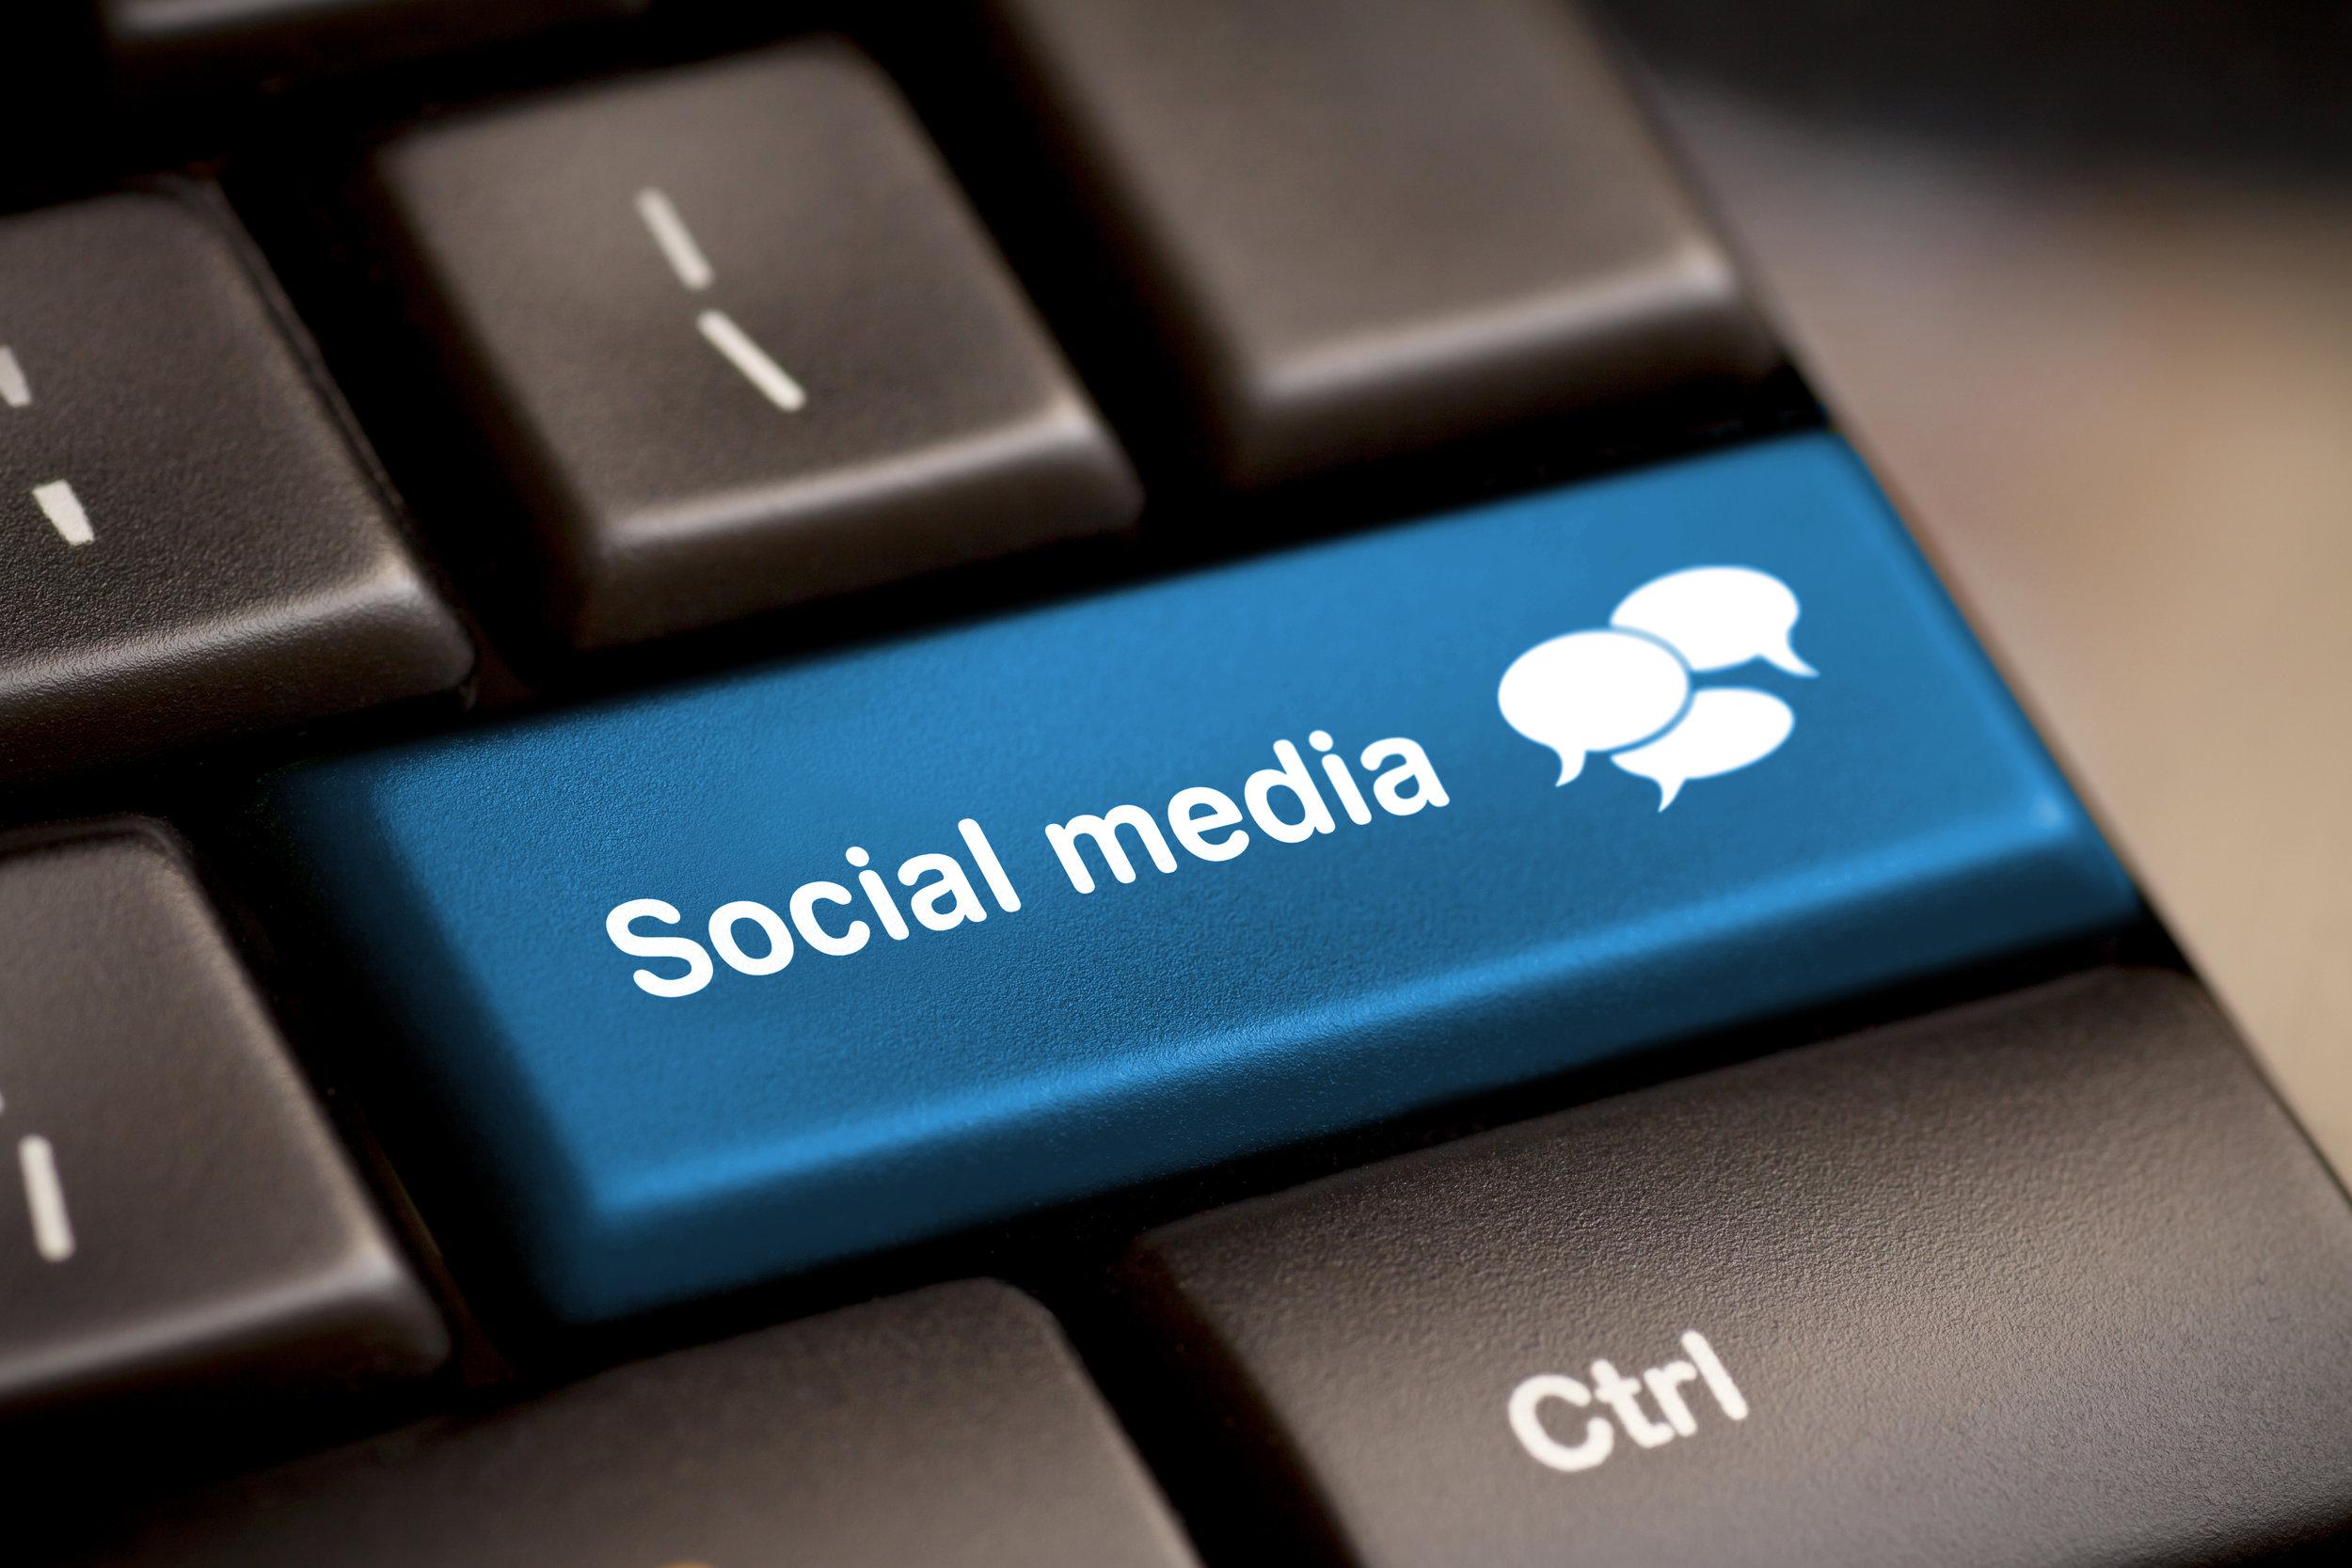 social-media-computer-button.jpg